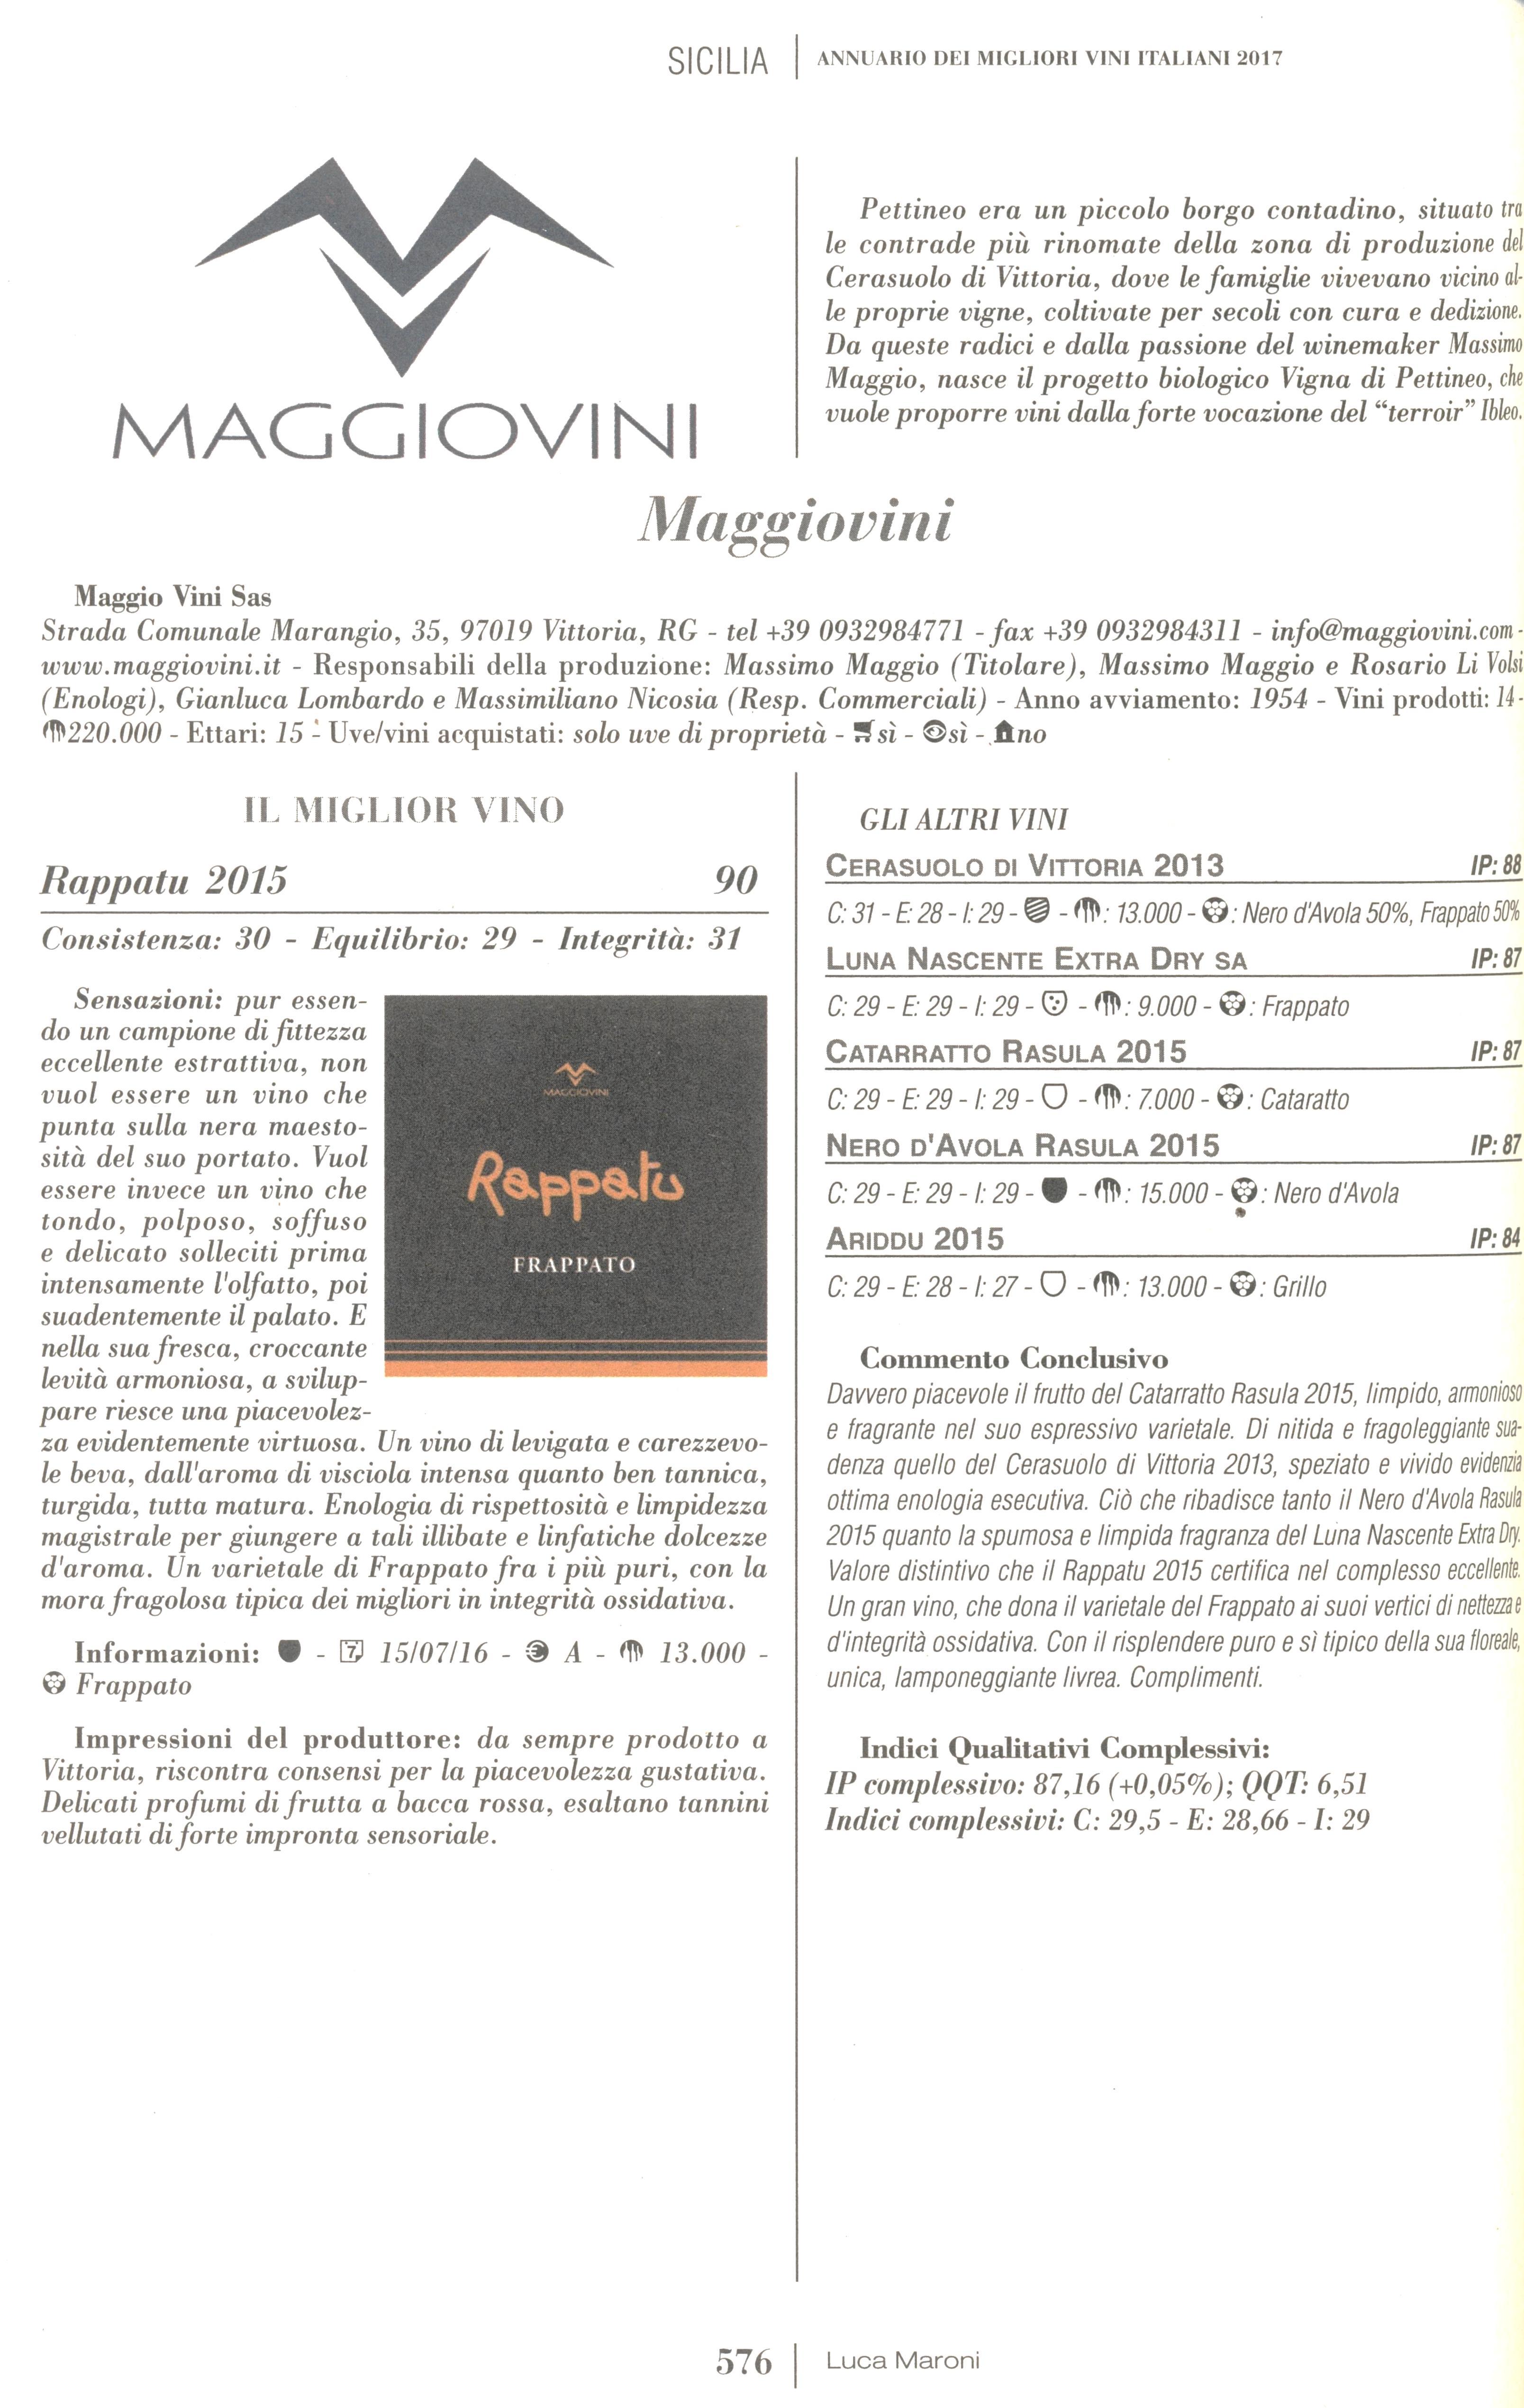 Recensione guida Luca Maroni 2017 - Maggiovini